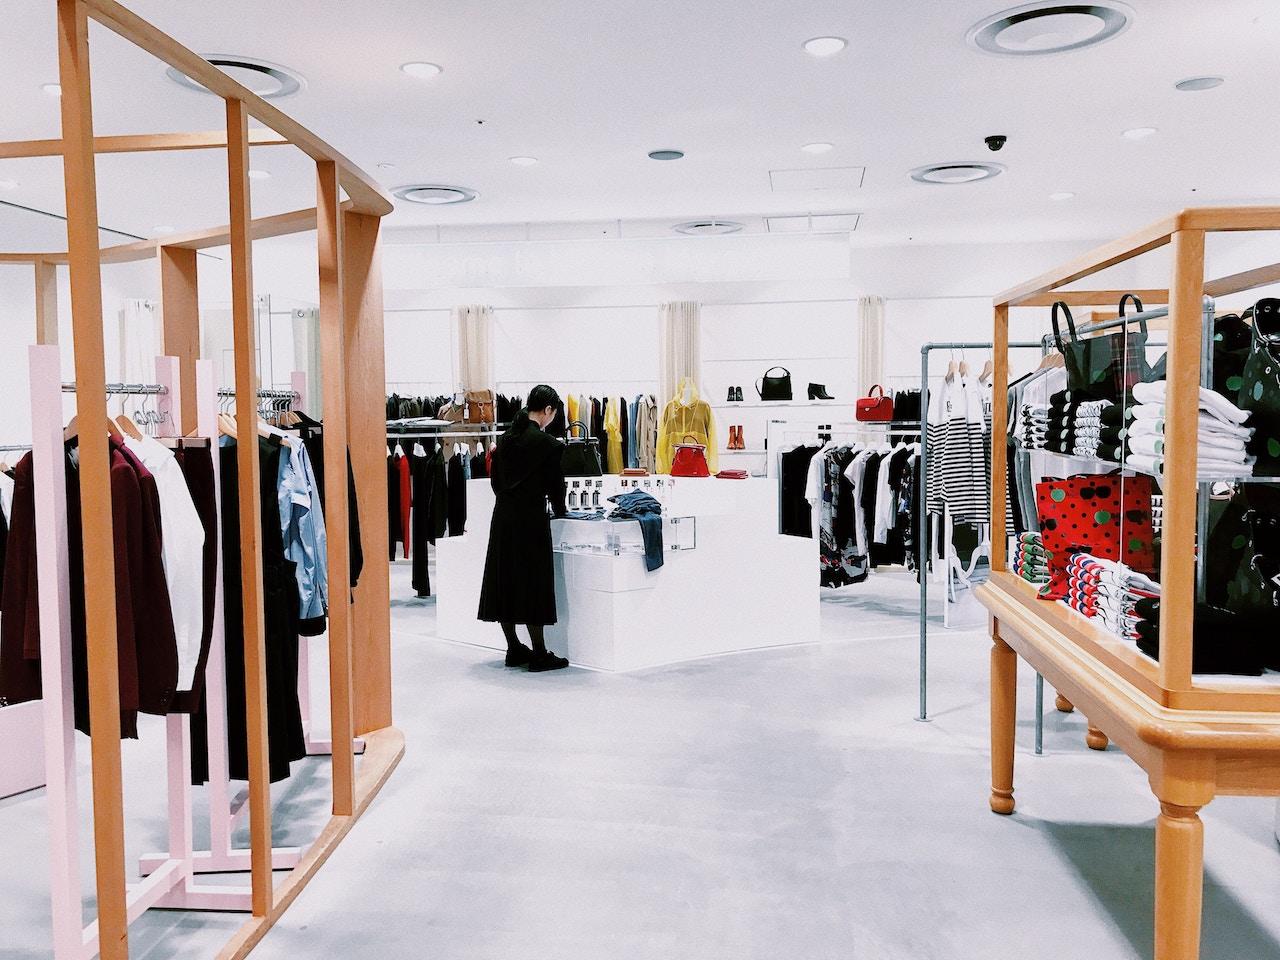 Aromamarketing w sklepie odziezowym i butiku.